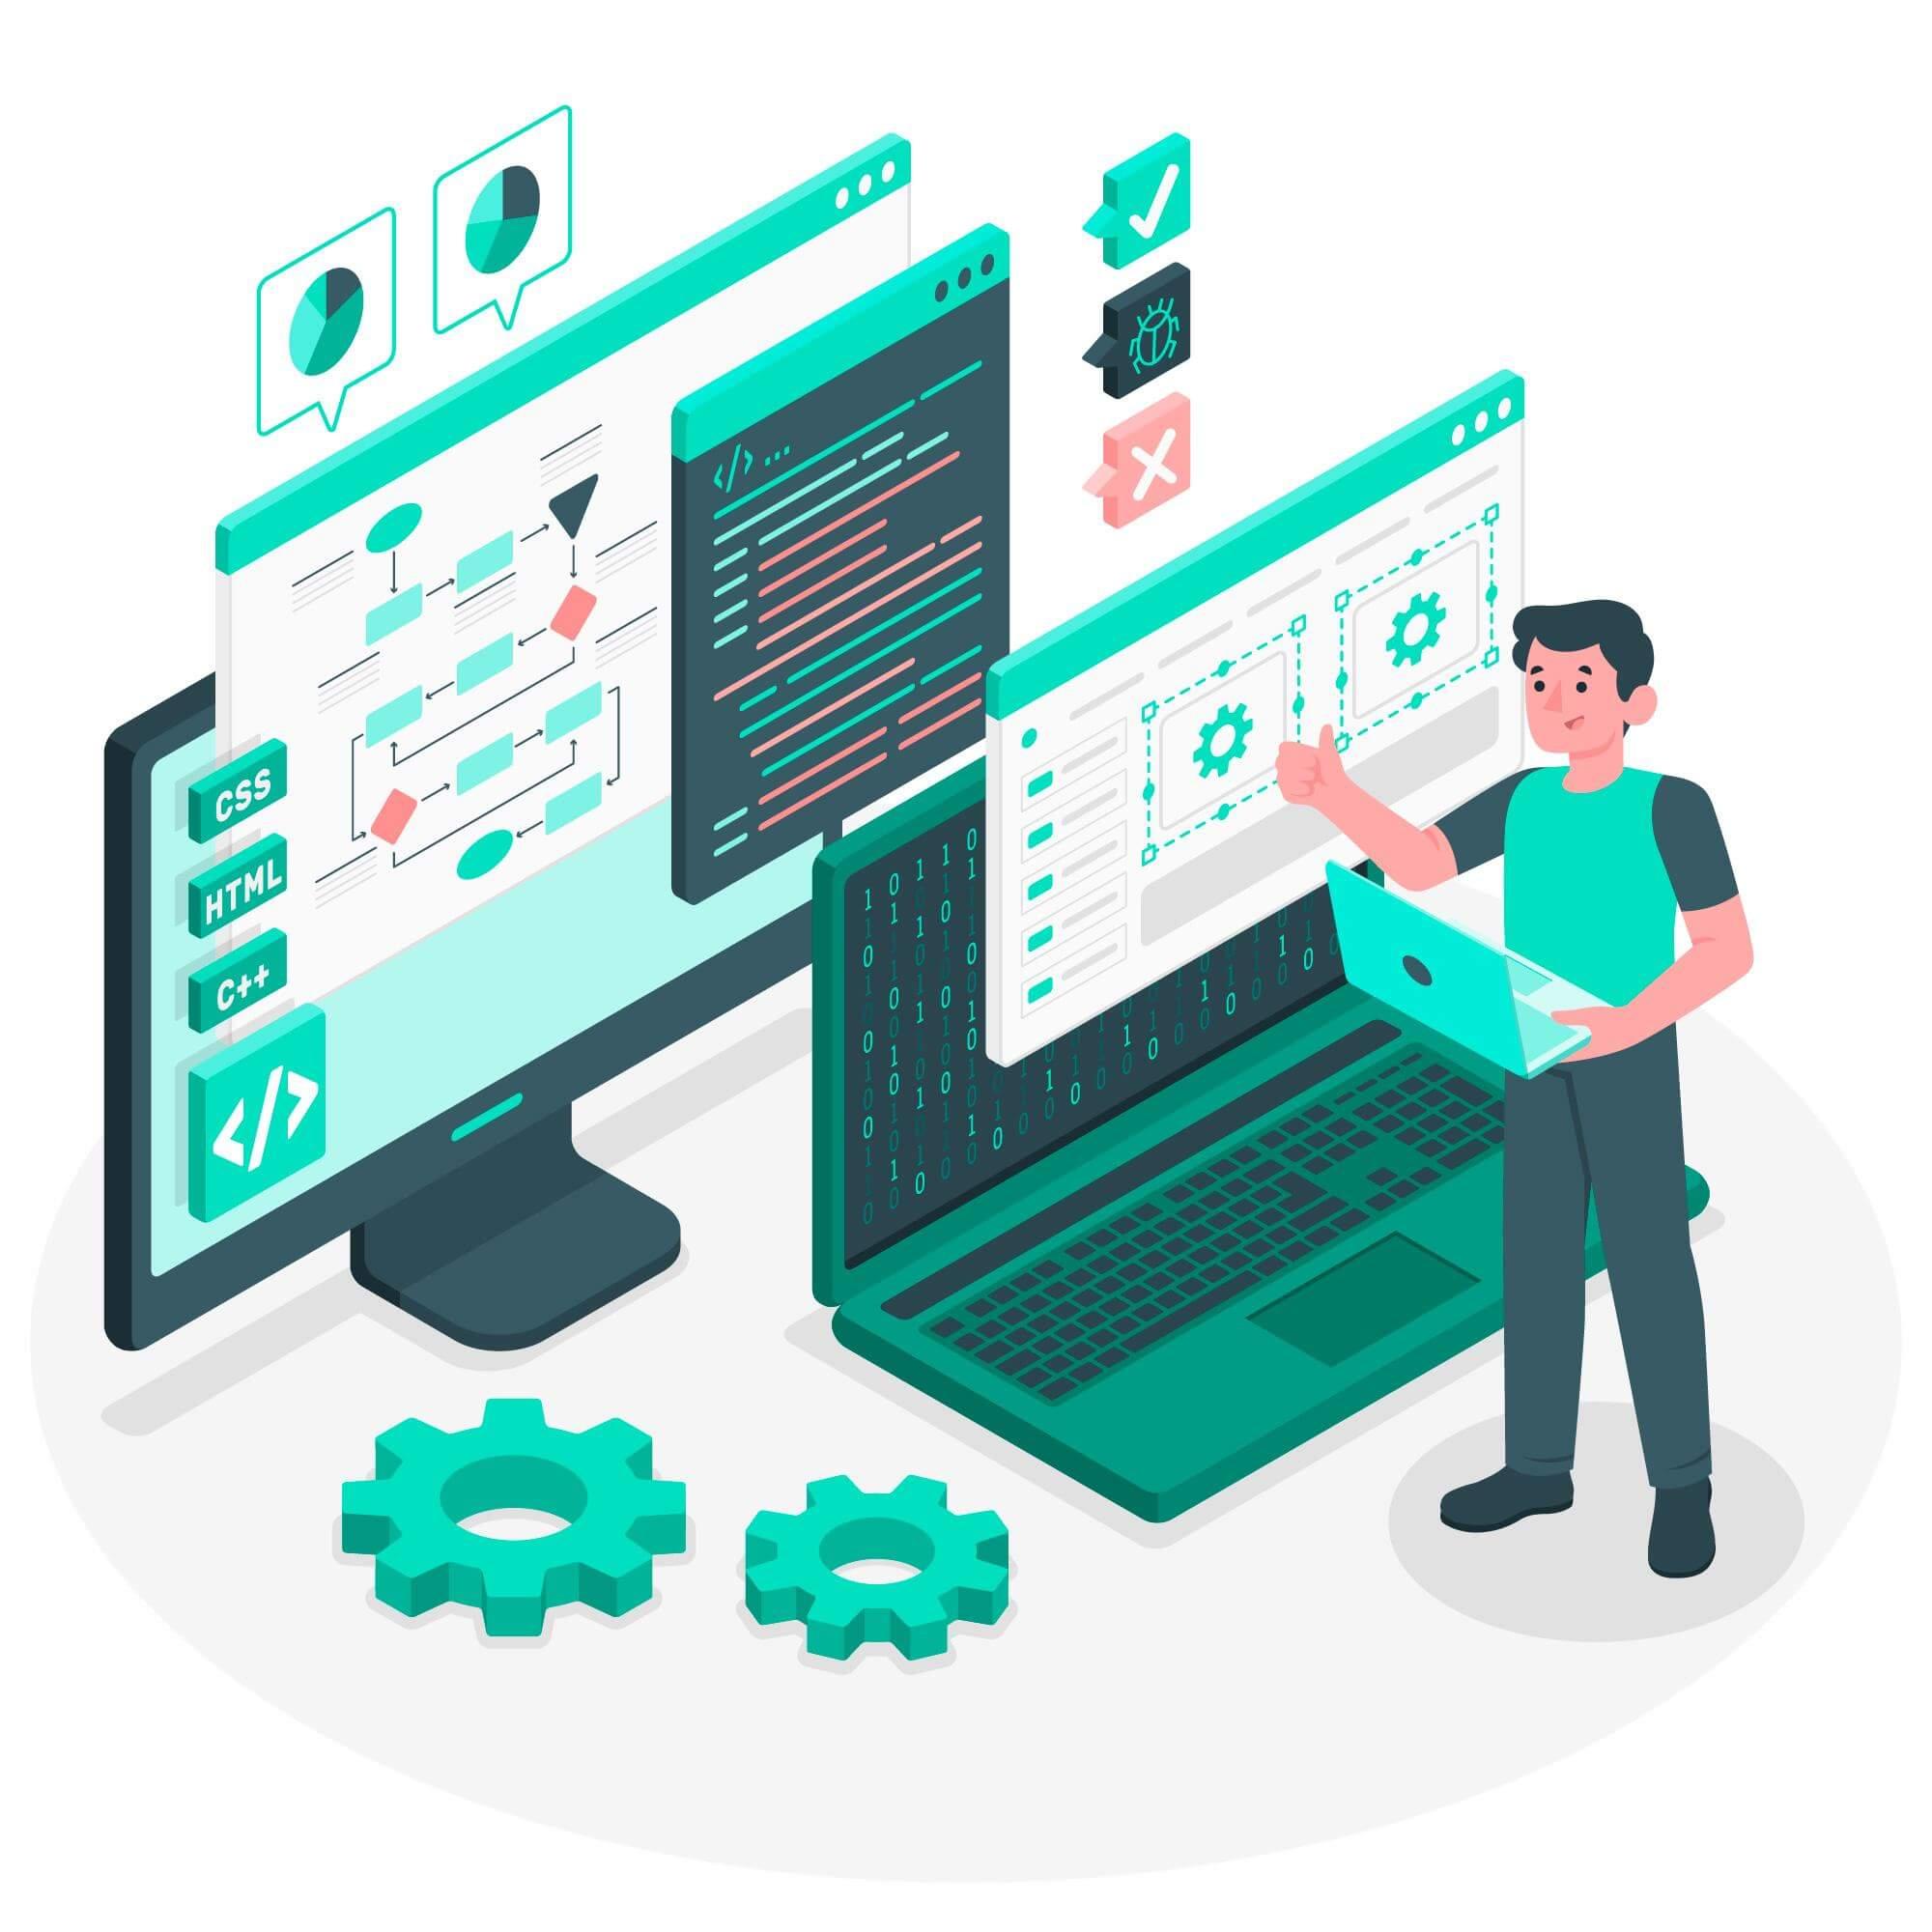 プログラミングの基礎知識その2)プログラミングとは